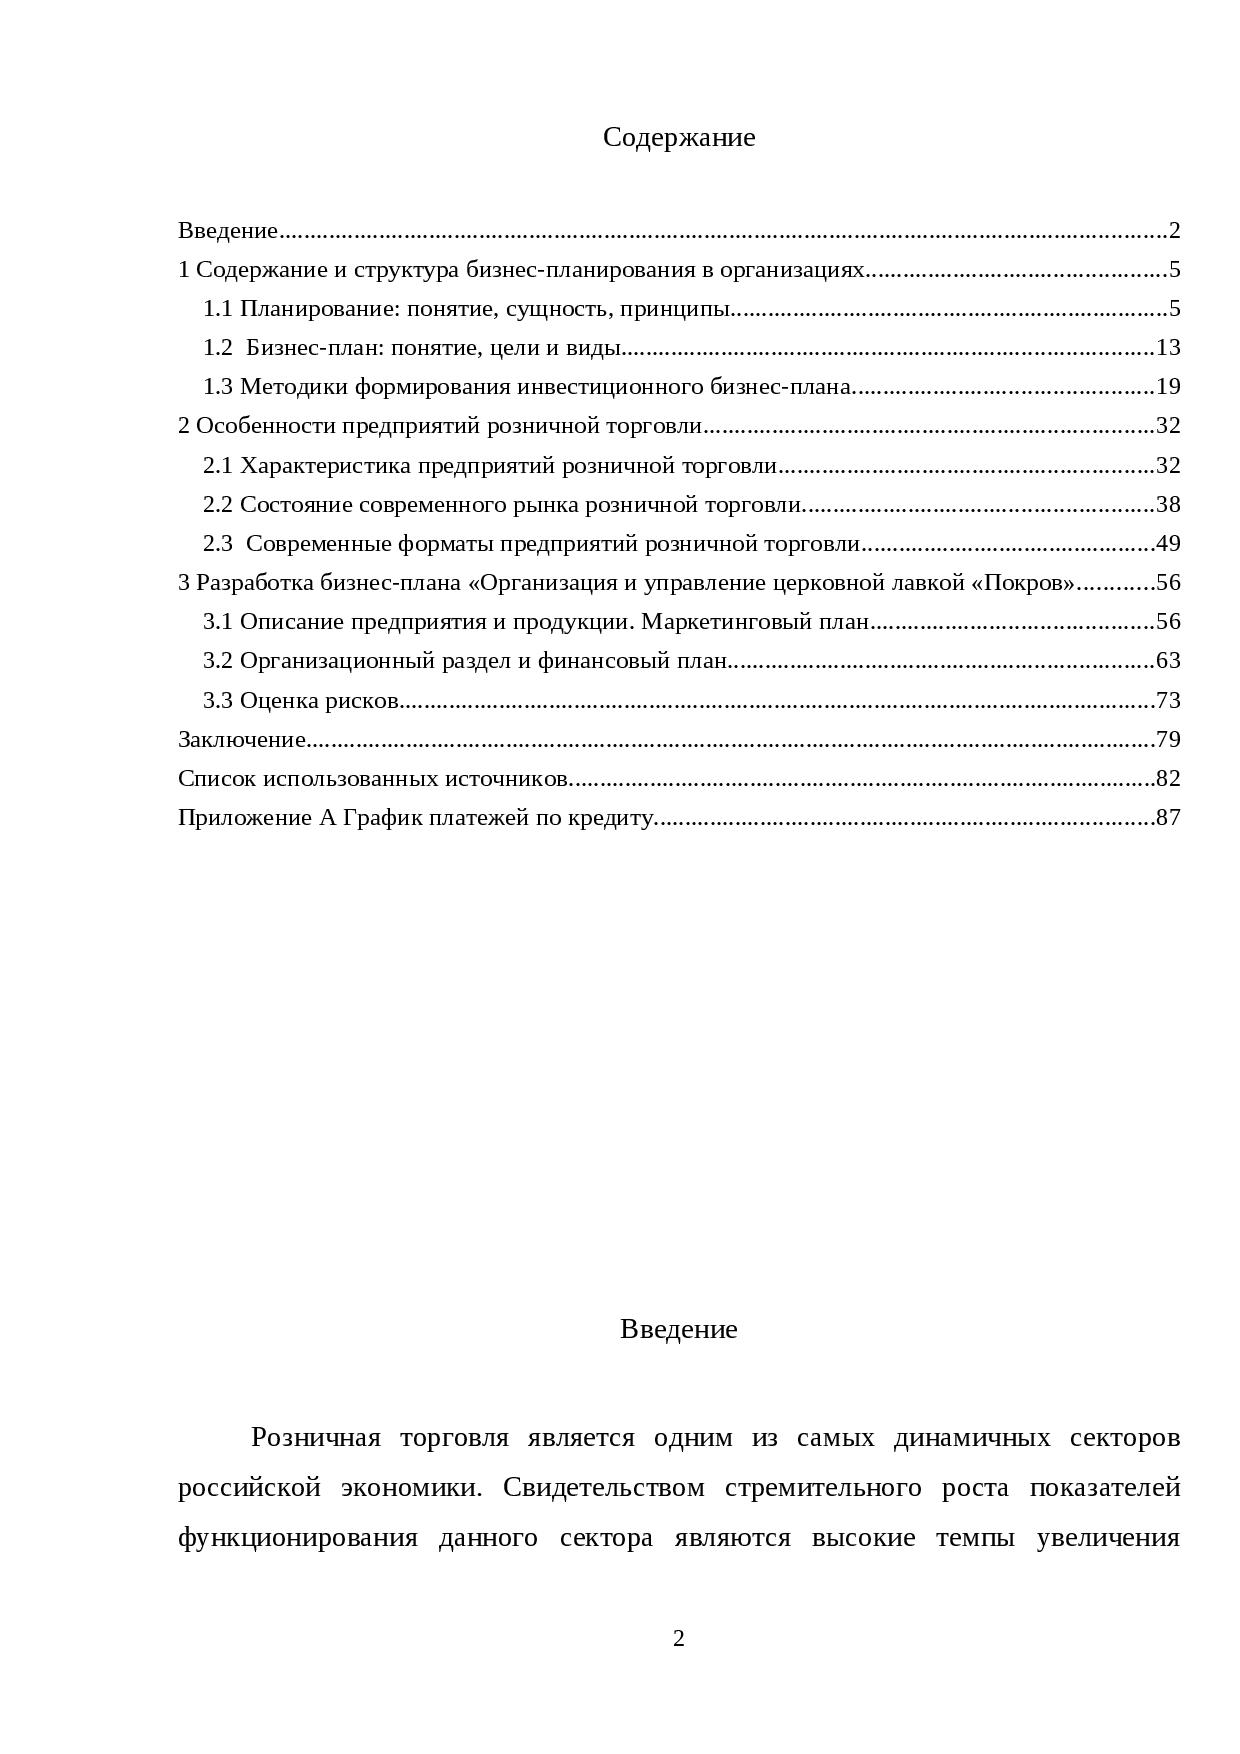 Виды предприятий оптовой торговли